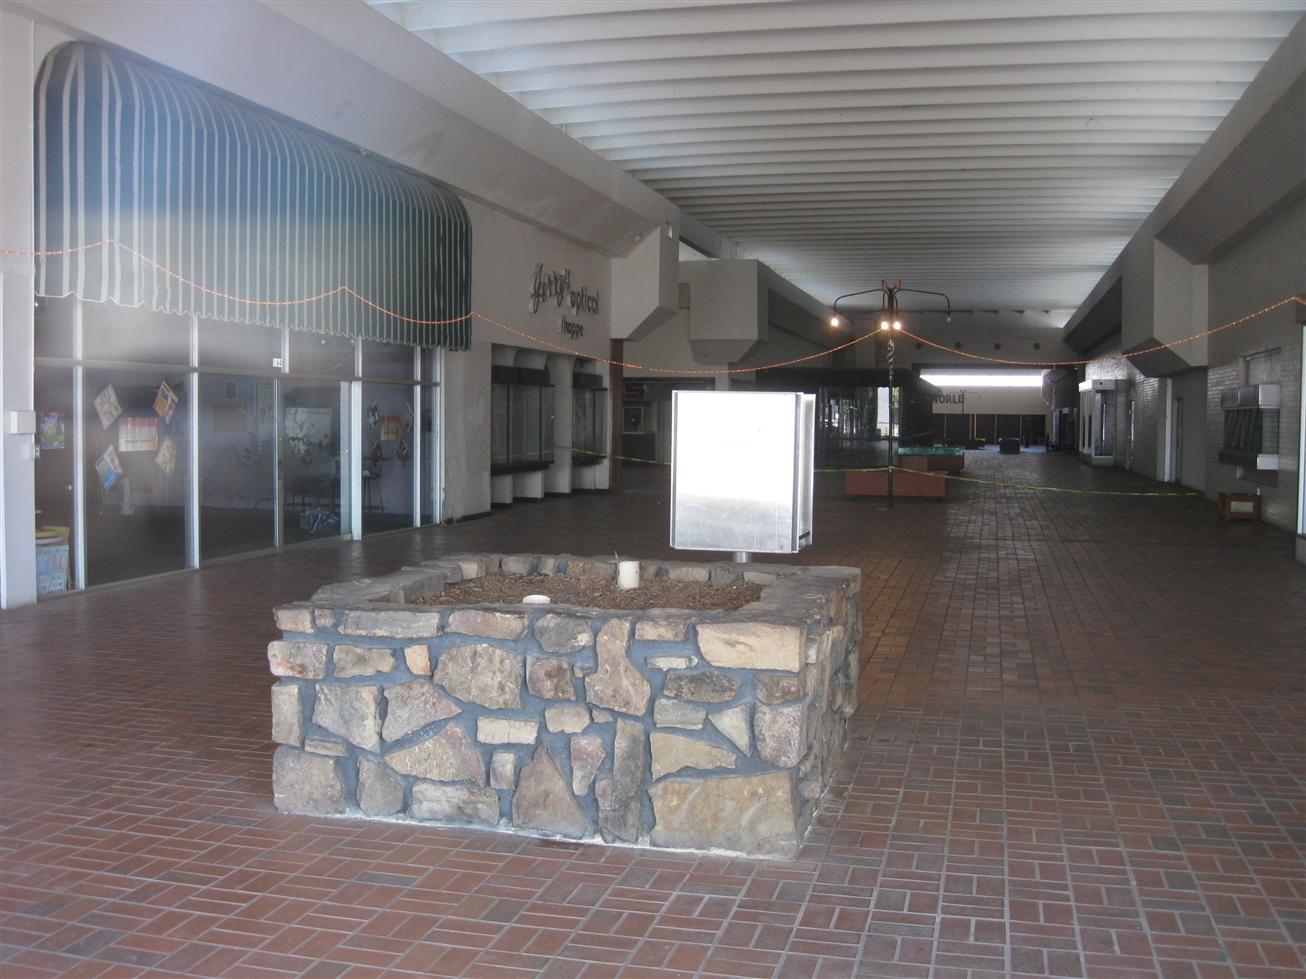 ... Arkansas Phoenix Village Mall In Fort Smith, Arkansas